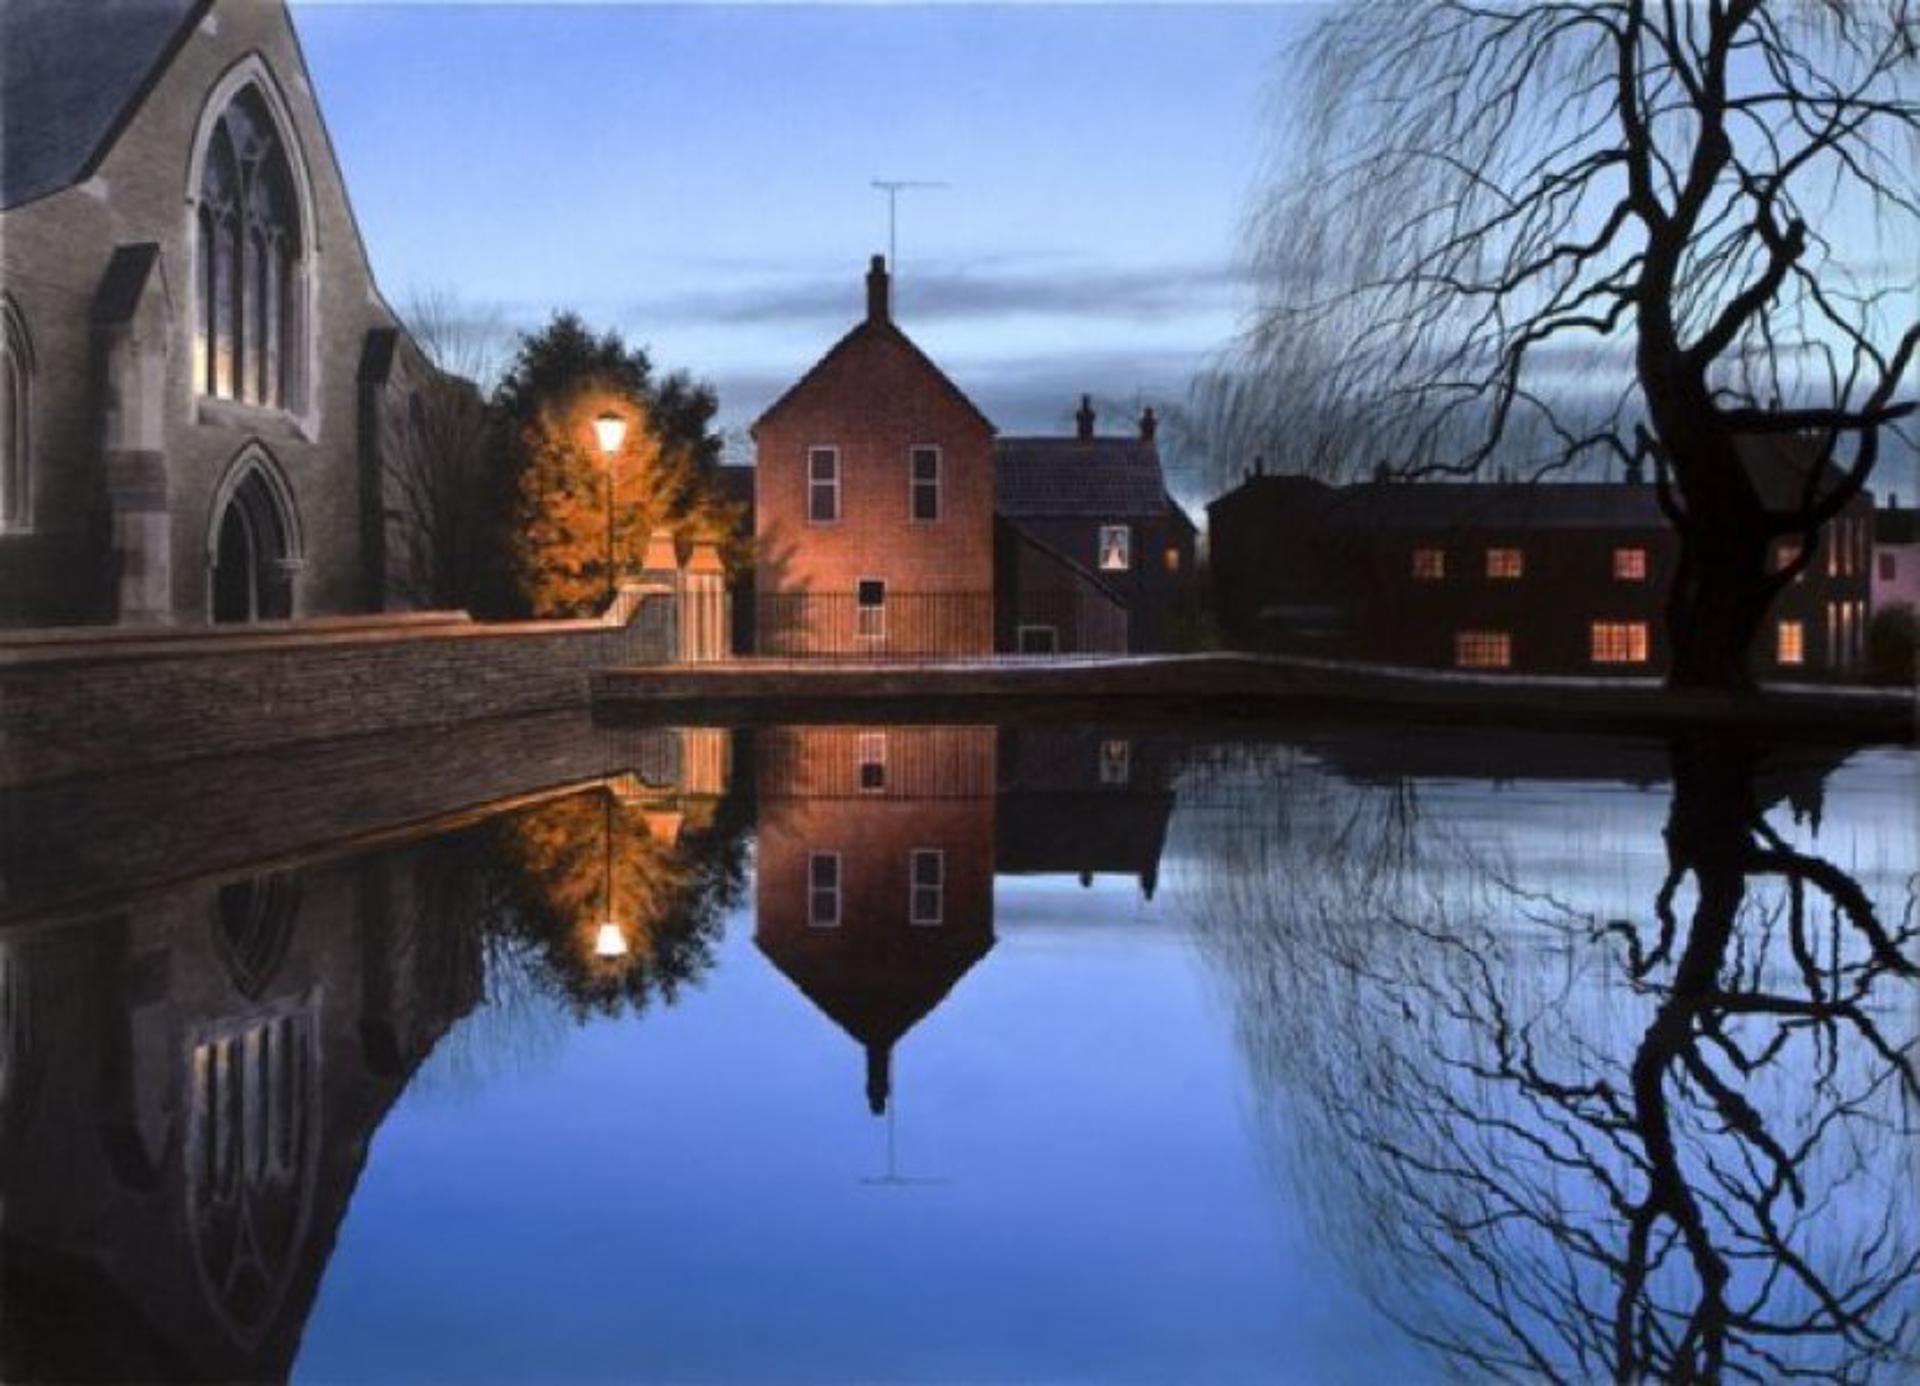 Welton, Yorkshire by Alexander Volkov